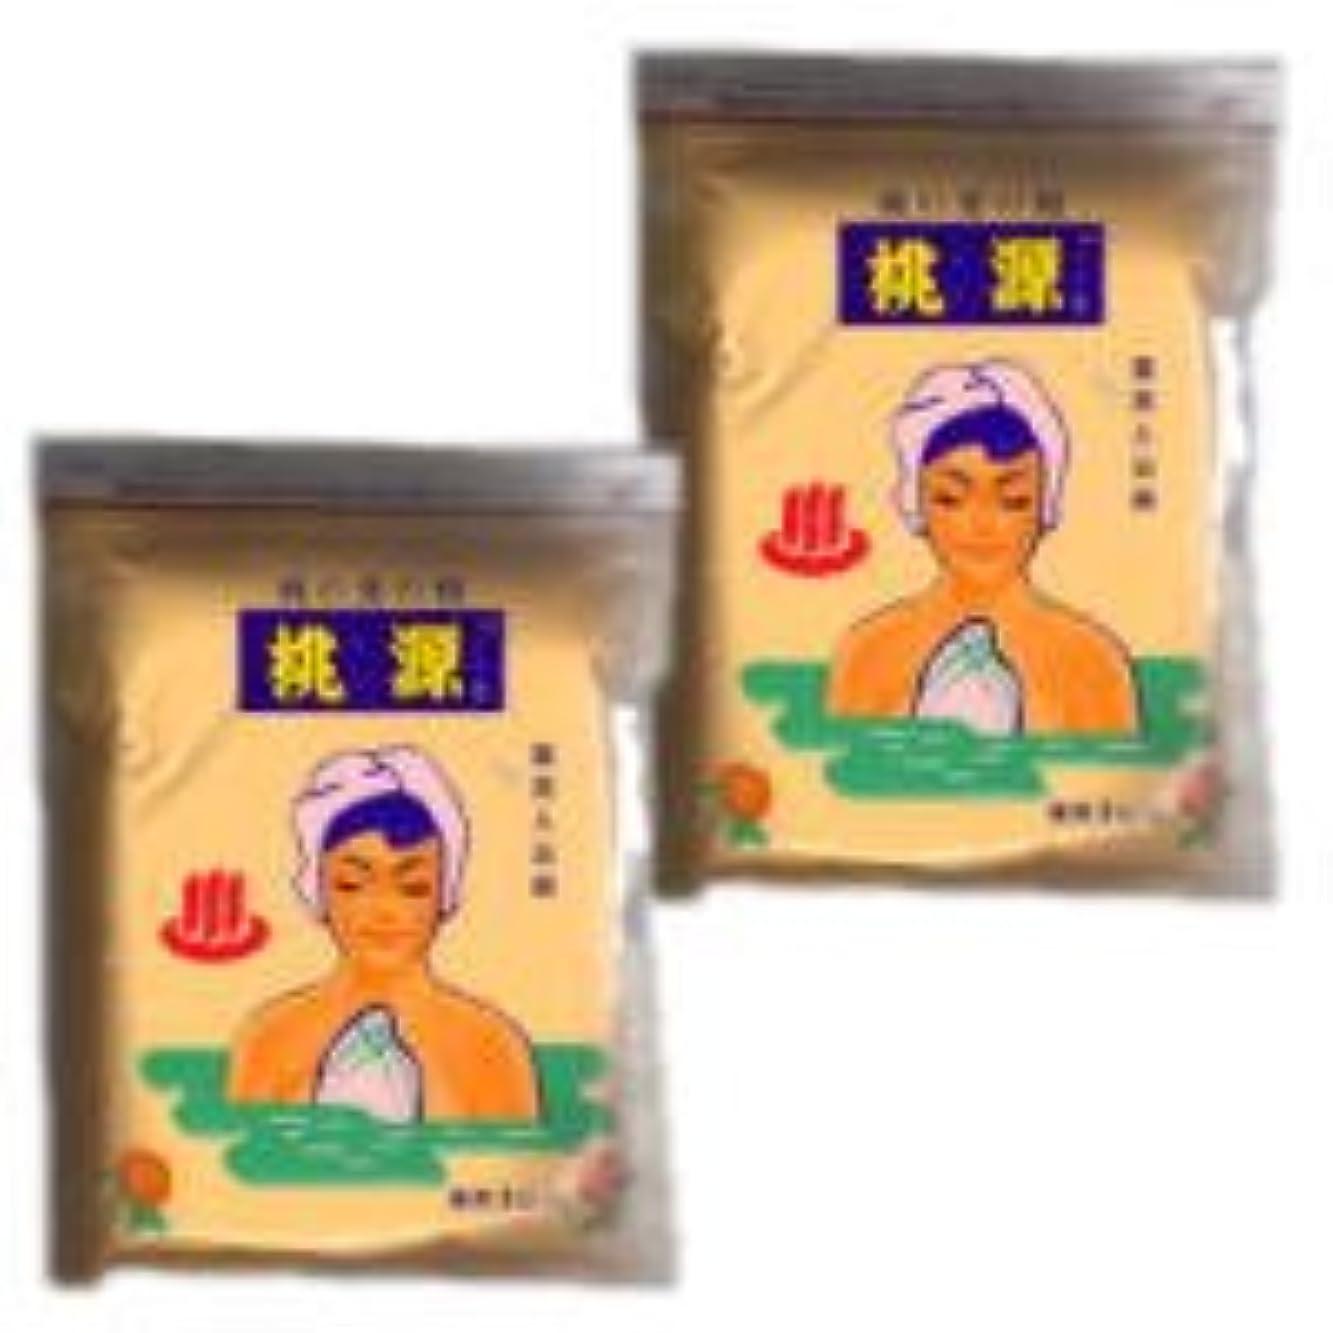 勝つ規定ガイドライン桃源(とうげん)s 桃の葉の精 1000g 袋入り 2個